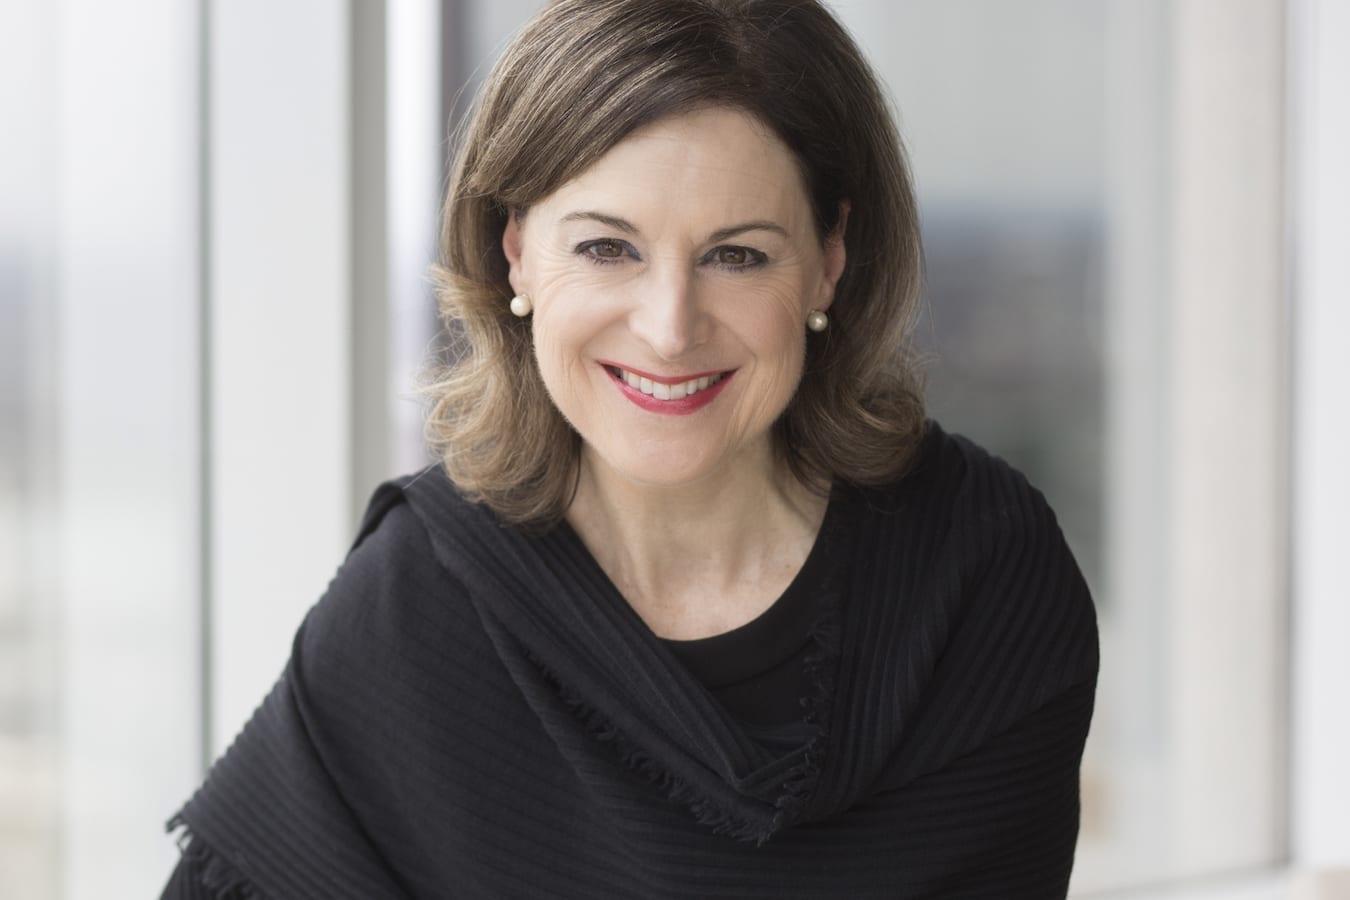 Marie-Huguette Cormier et le courage d'une leader